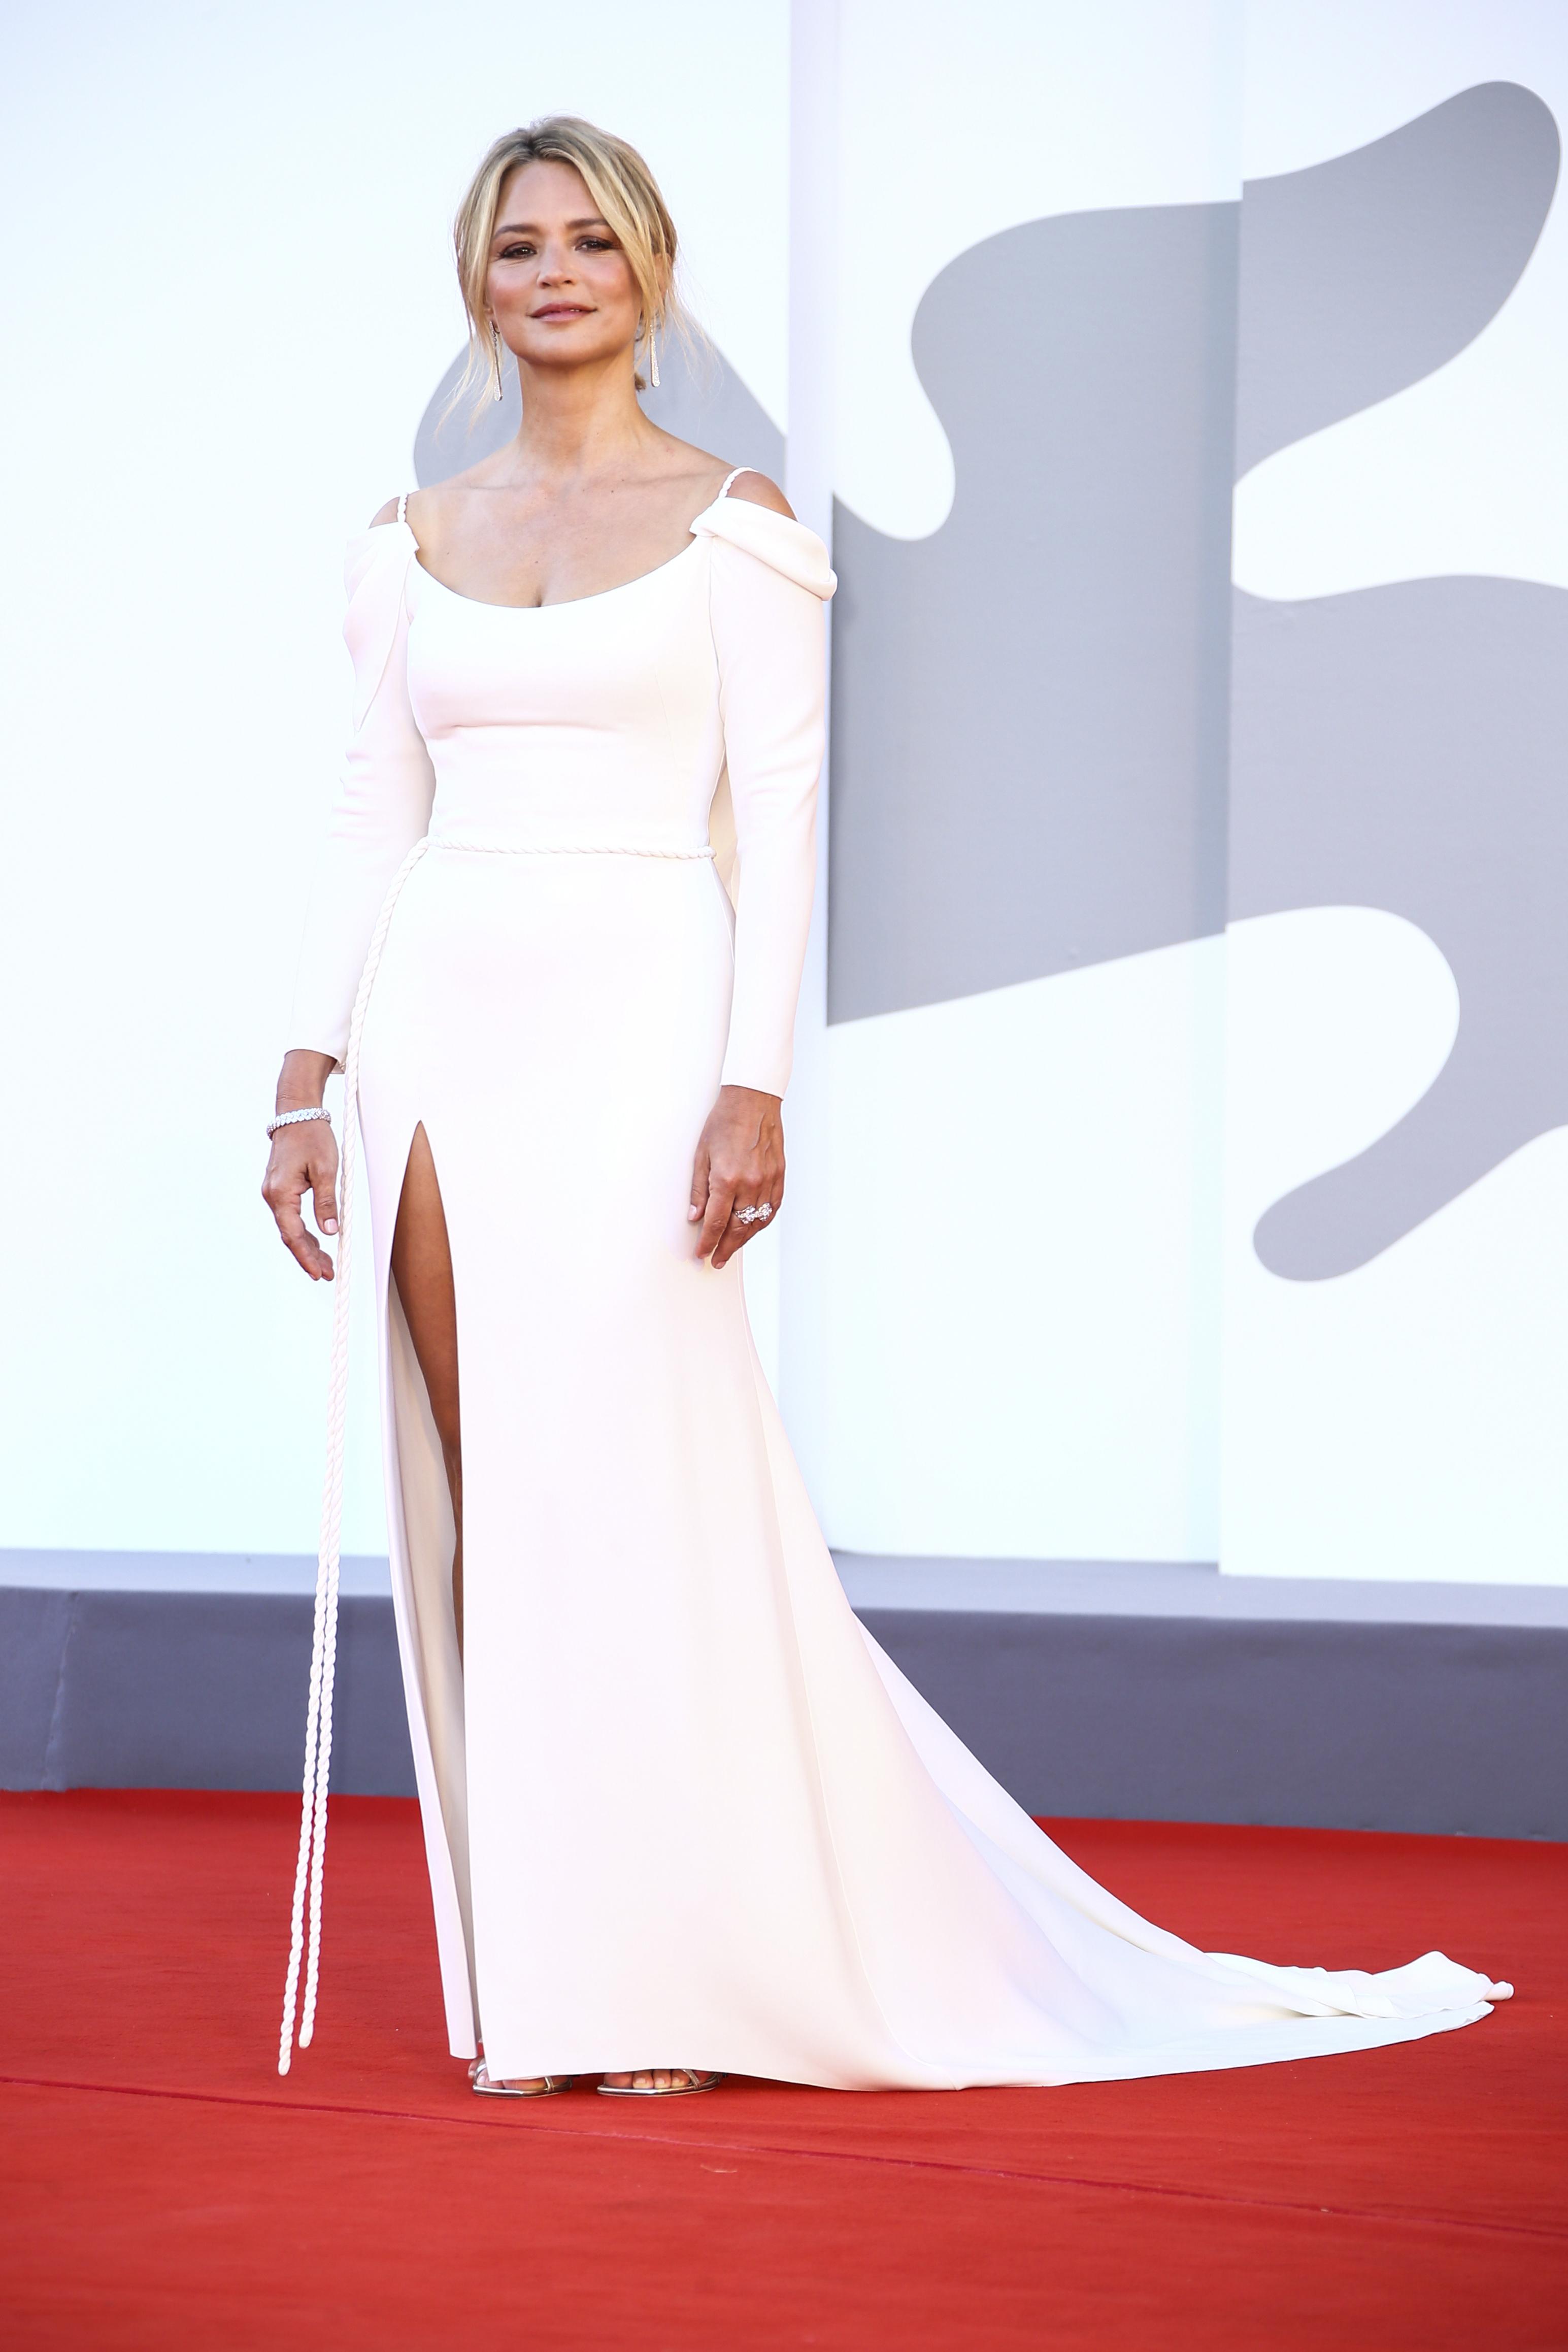 Virginie Evira indossa un abito bianco a maniche lunghe con spalle scoperte e uno spacco alto.